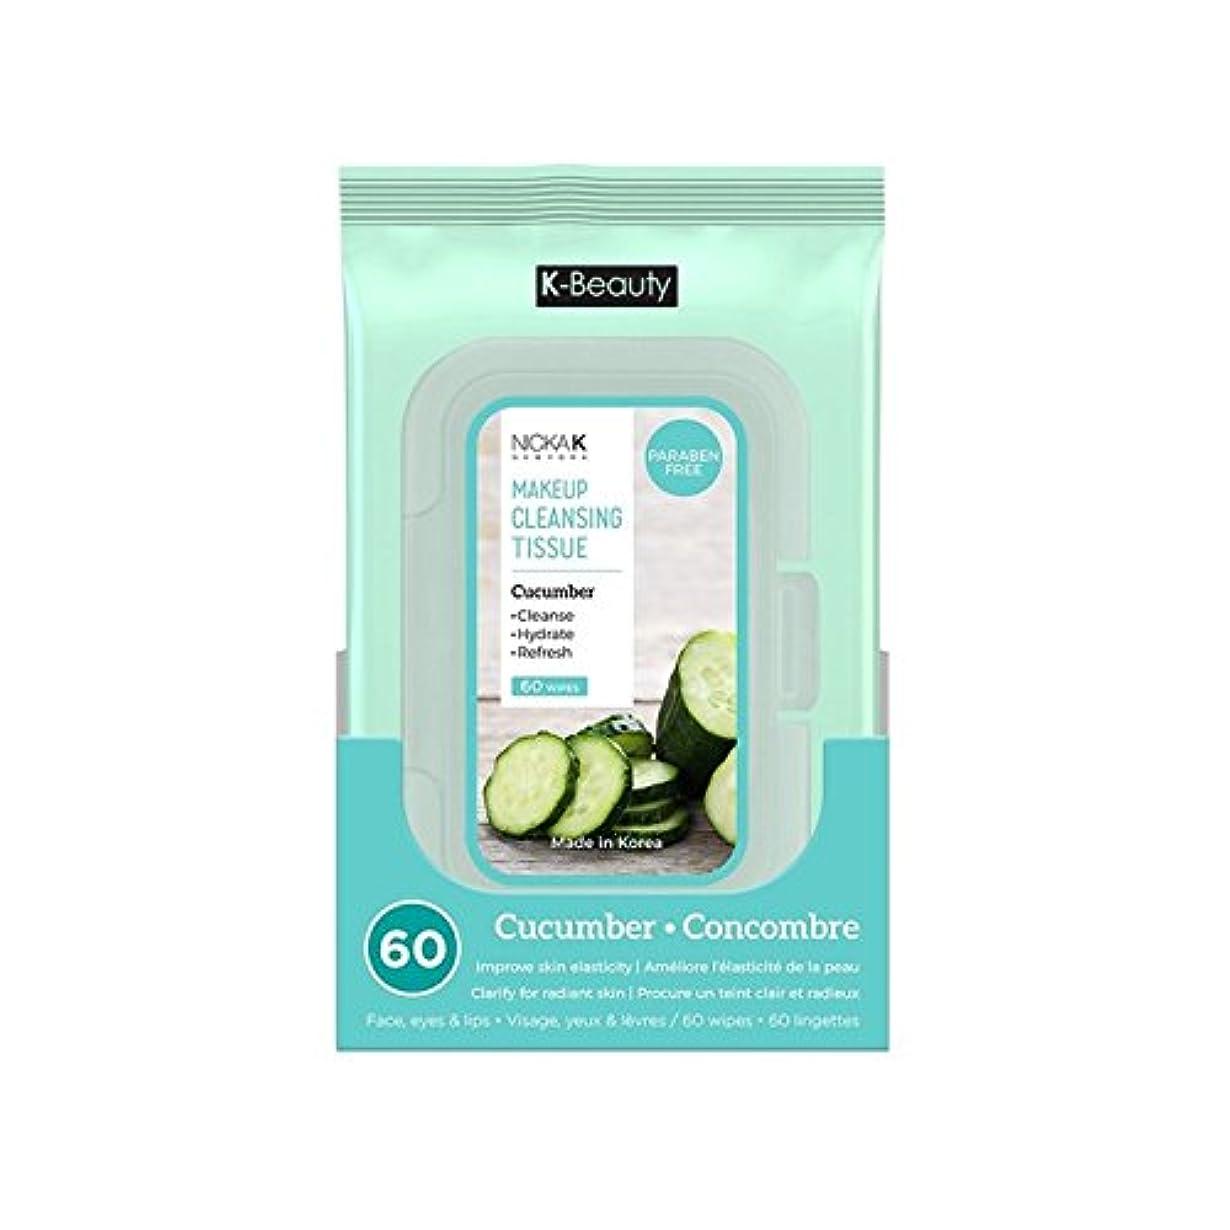 簡略化する見積り有力者(6 Pack) NICKA K Make Up Cleansing Tissue - Cucumber (並行輸入品)